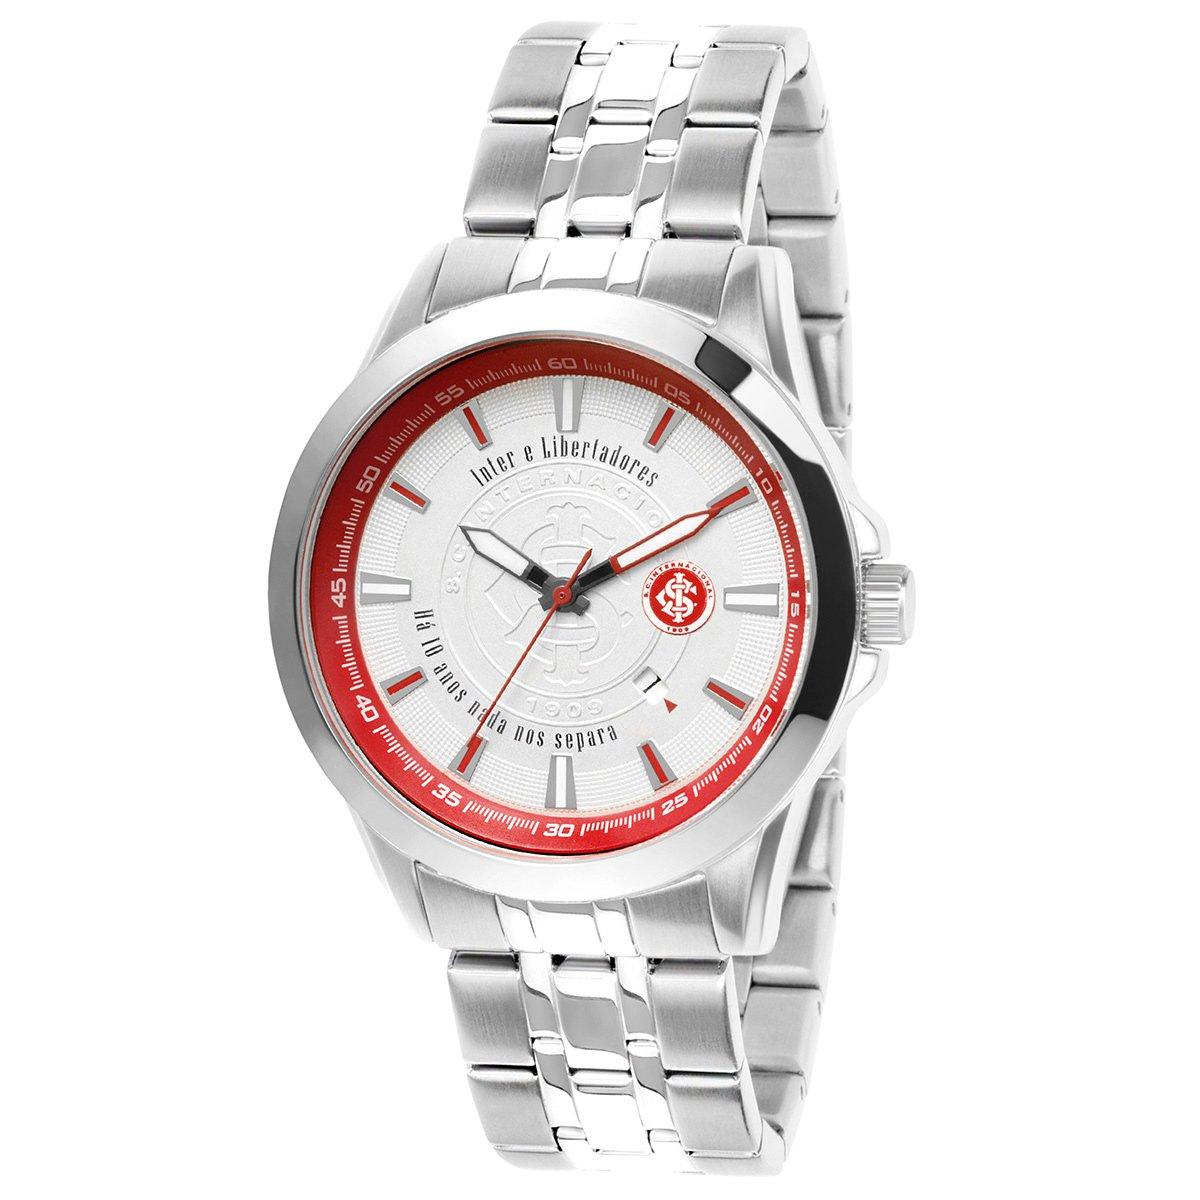 b90f762897f Relógio Internacional Technos Metal Analógico II Calendário - Compre Agora